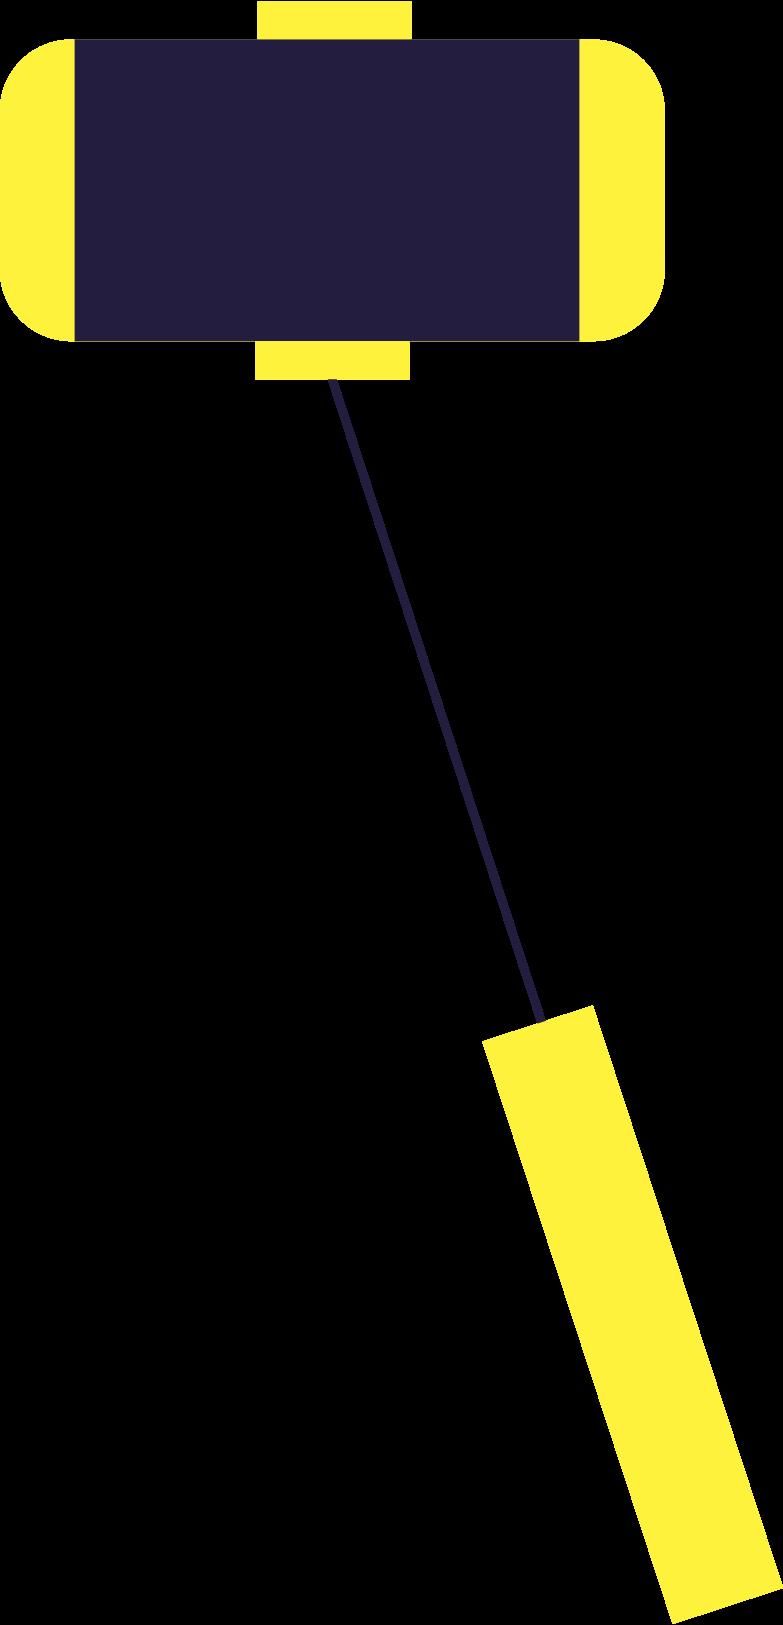 vlogging  selfie stick Clipart illustration in PNG, SVG